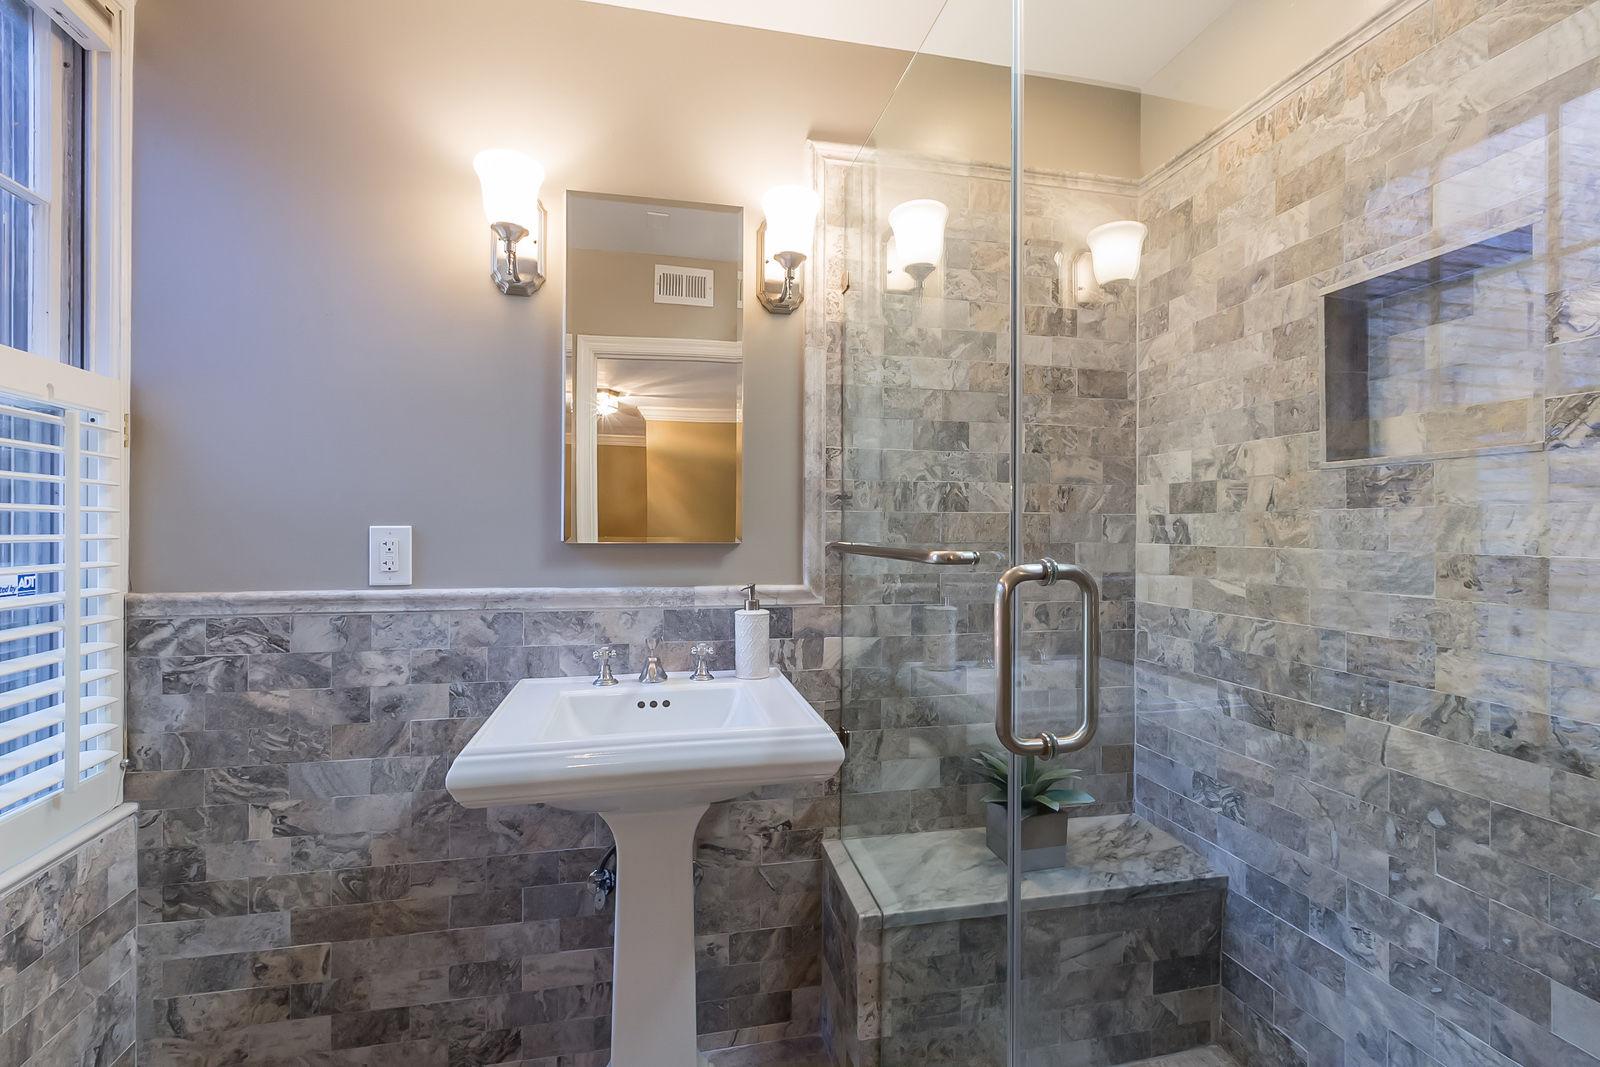 The second bathroom of the house. (Courtesy Sean Shanahan)